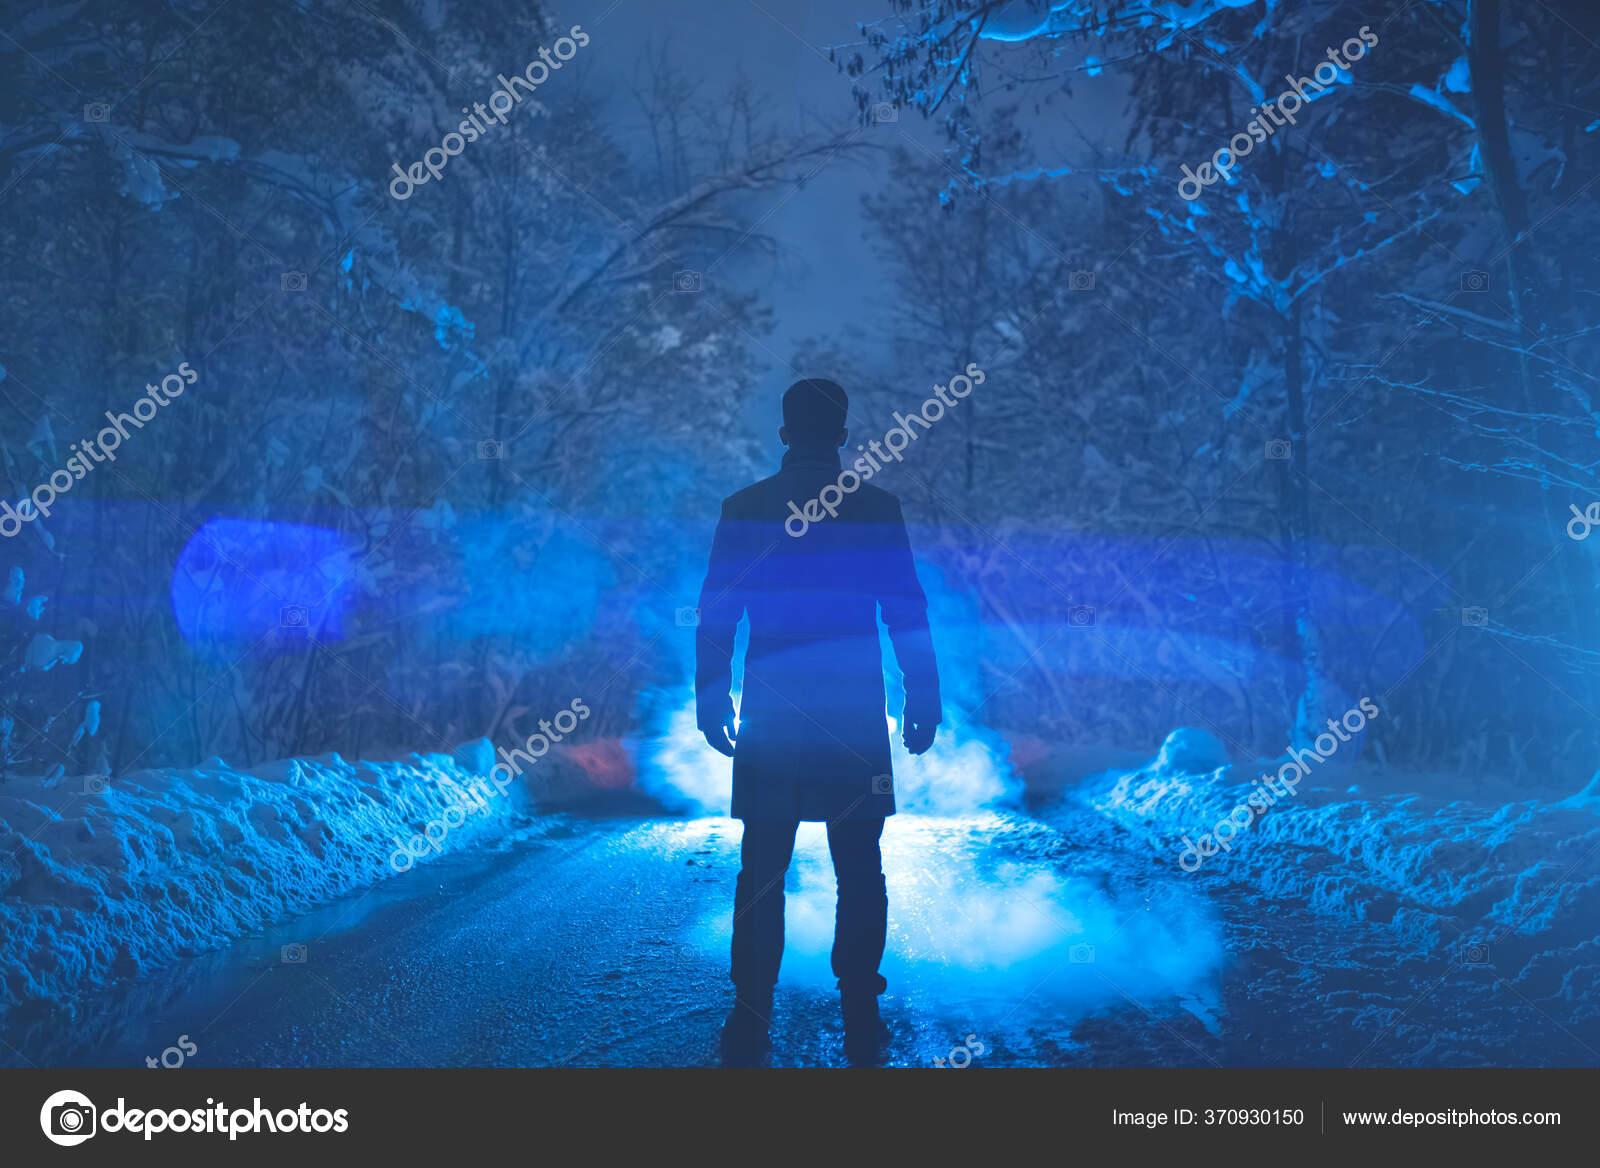 Pria Itu Berdiri Jalan Bersalju Dengan Latar Belakang Asap Waktu — Stok  Foto © DPimage #370930150